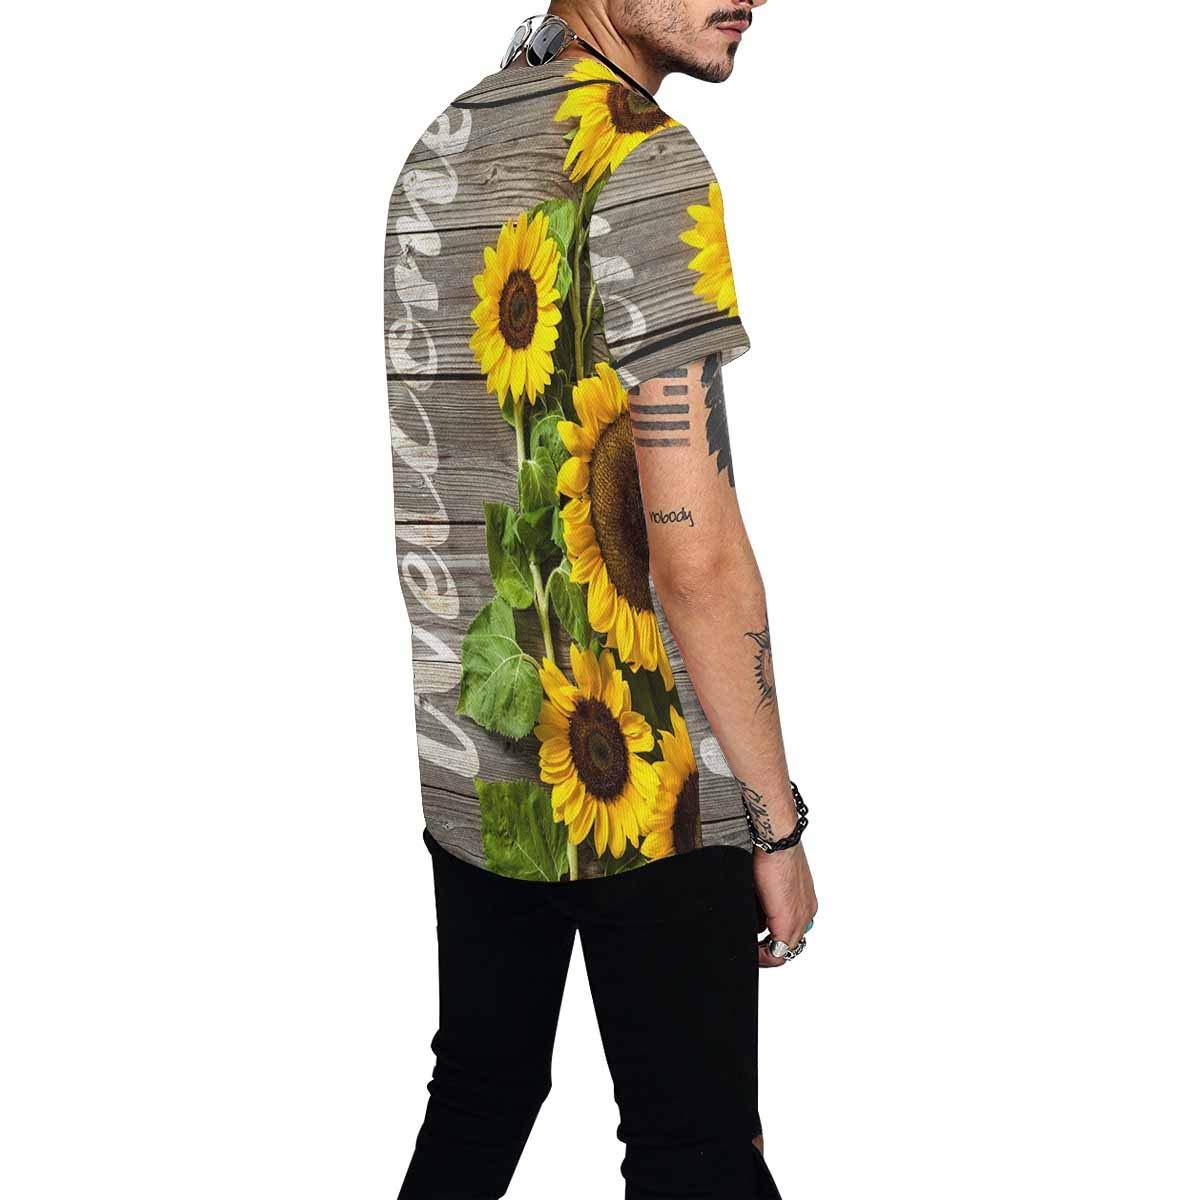 INTERESTPRINT Mens Fashion Baseball Jersey T-Shirt Autumn Sunflowers Wood Pattern